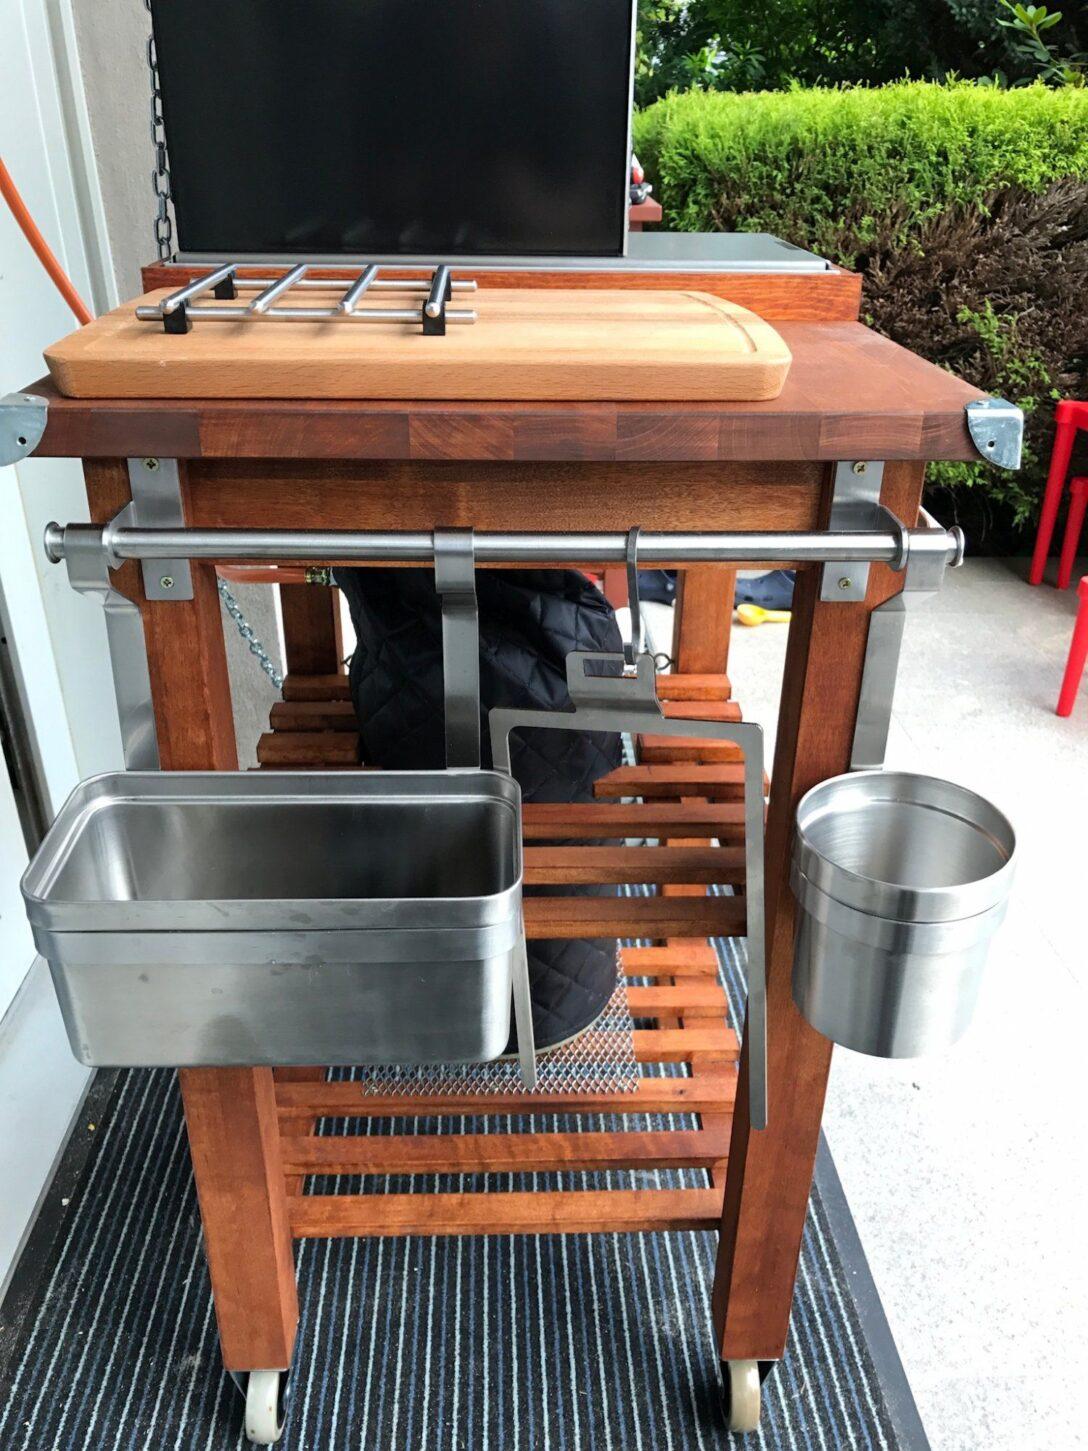 Large Size of Grill Beistelltisch Ikea Der Bekvm Umbau Modding Thread Grilltisch Garten Küche Kosten Kaufen Sofa Mit Schlaffunktion Grillplatte Betten Bei 160x200 Wohnzimmer Grill Beistelltisch Ikea